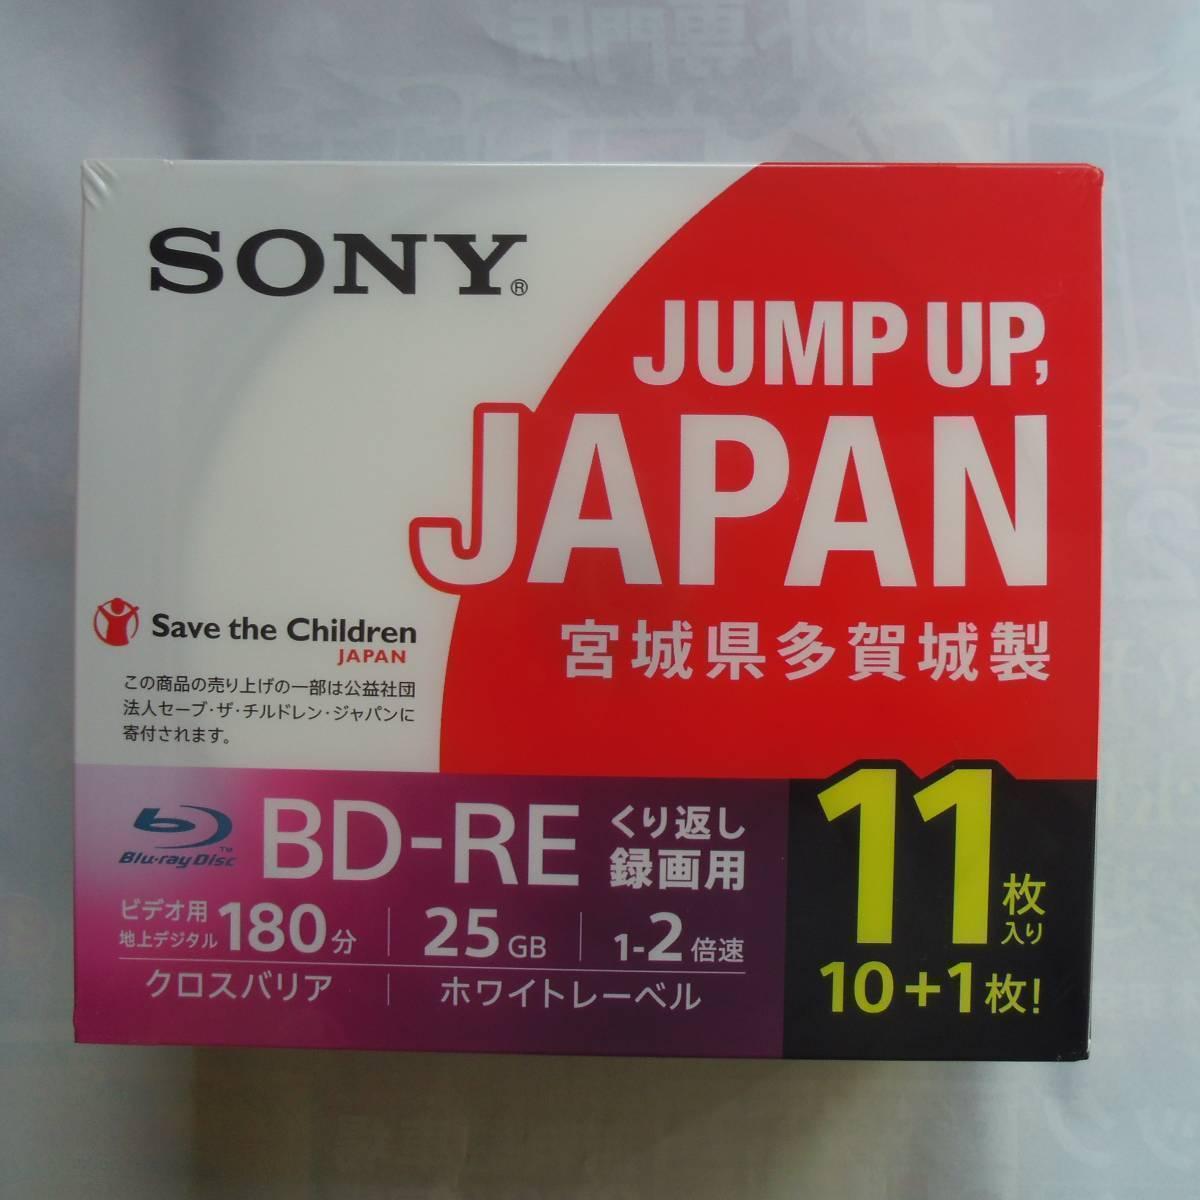 訳あり発送条件付き詳しくは説明を 匿名ゆうパケット送料無料 日本産 宮城県多賀城工場製造 SONY 録画用 25GB BD-RE 1層 5枚データにも対応_画像1